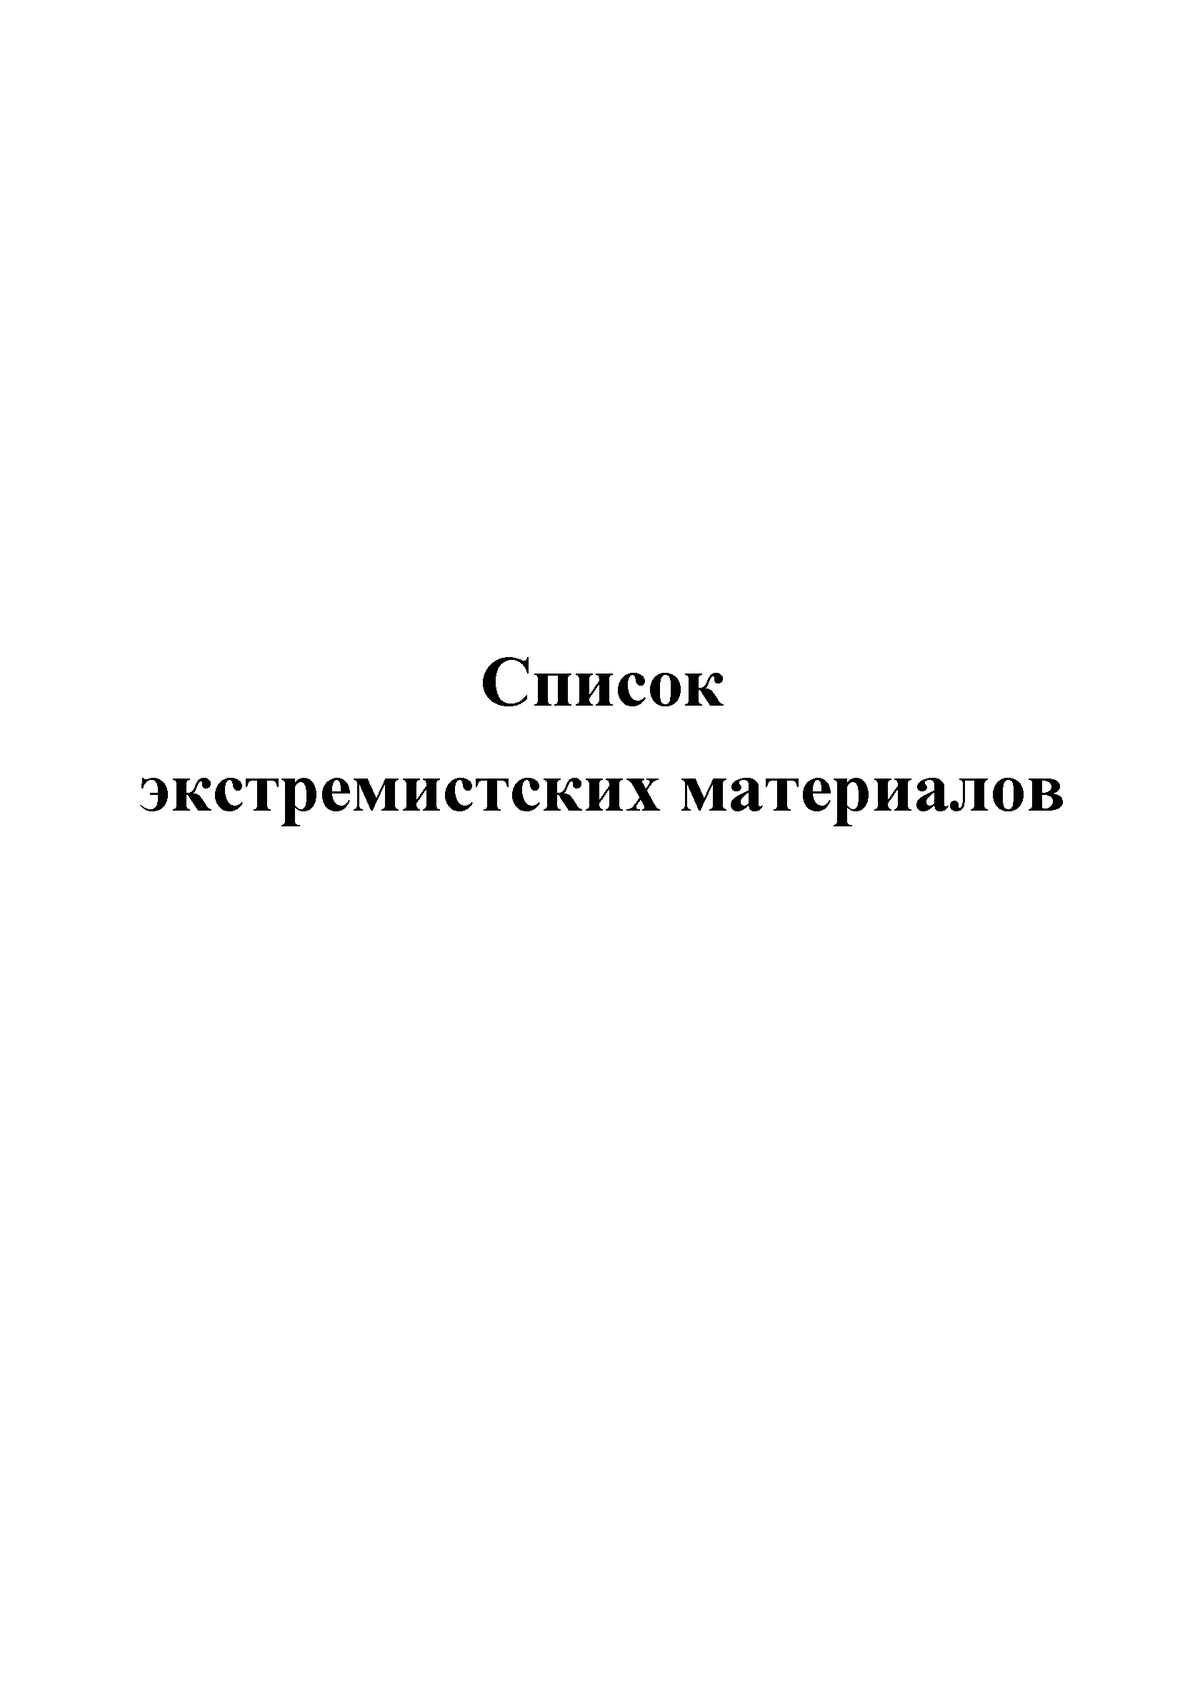 Calaméo - Список экстремистских материалов f33112030d6